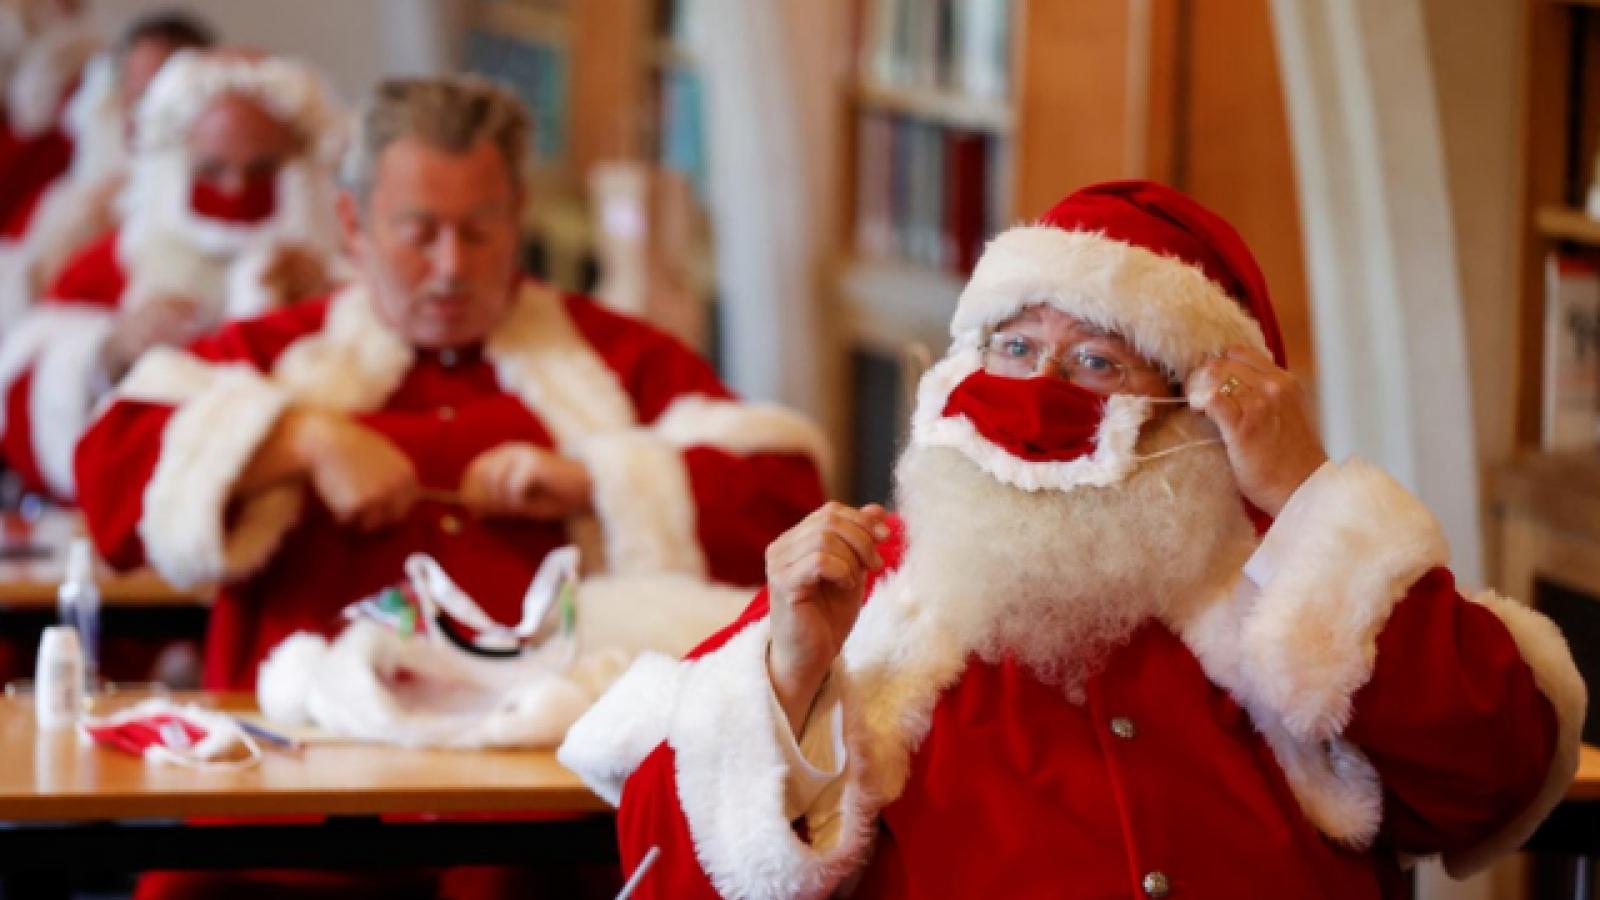 Ý tưởng sáng tạo cho các ông già Noel trong thời đại dịch Covid-19